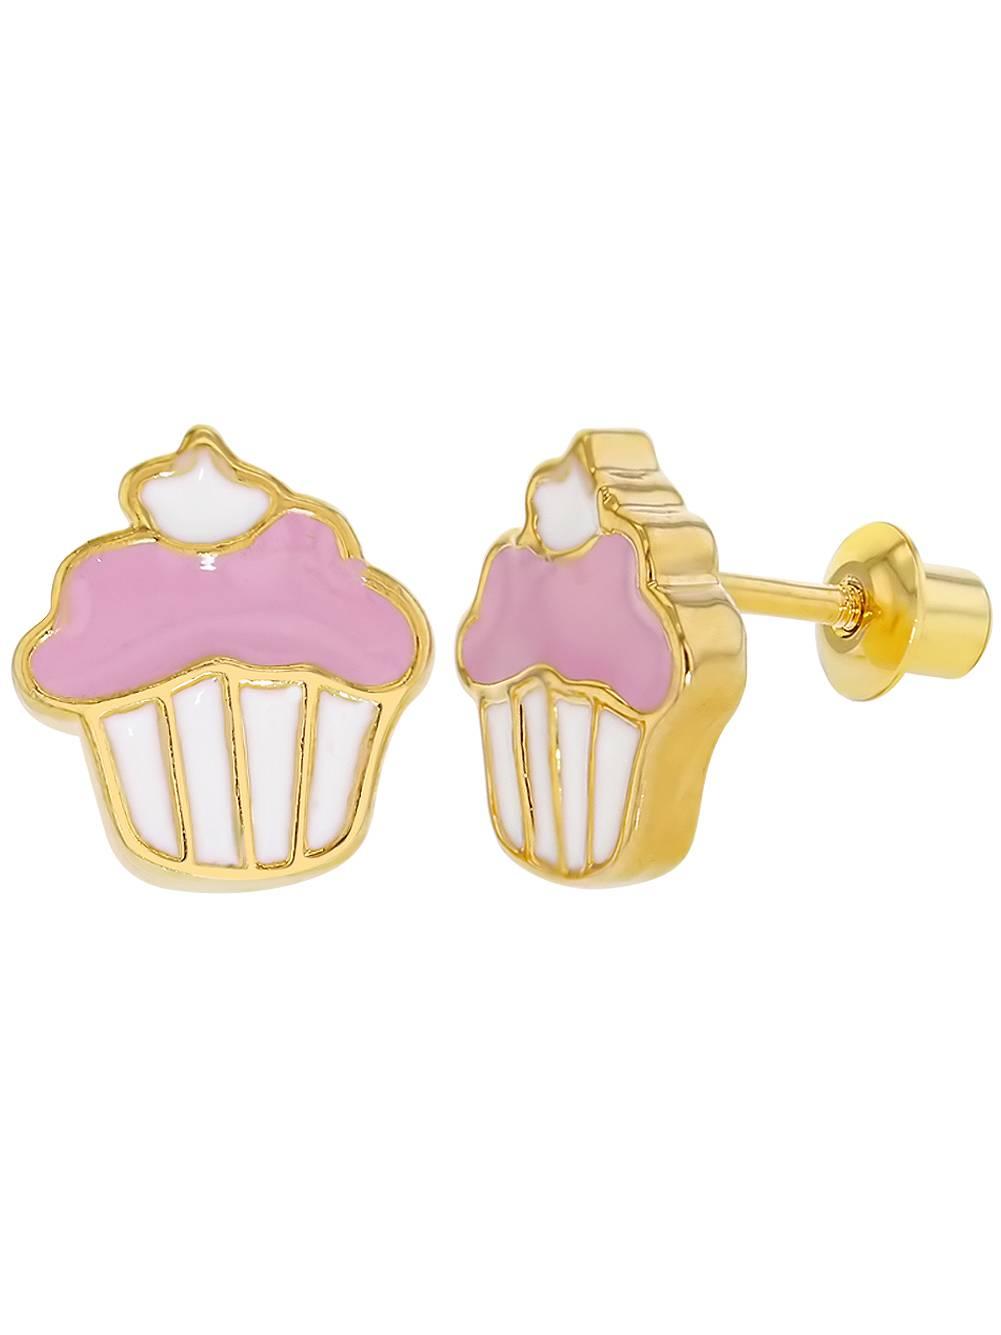 In Season Jewelry 18k Gold Plated Pink Enamel Cupcake Earrings Screw Back for Girls